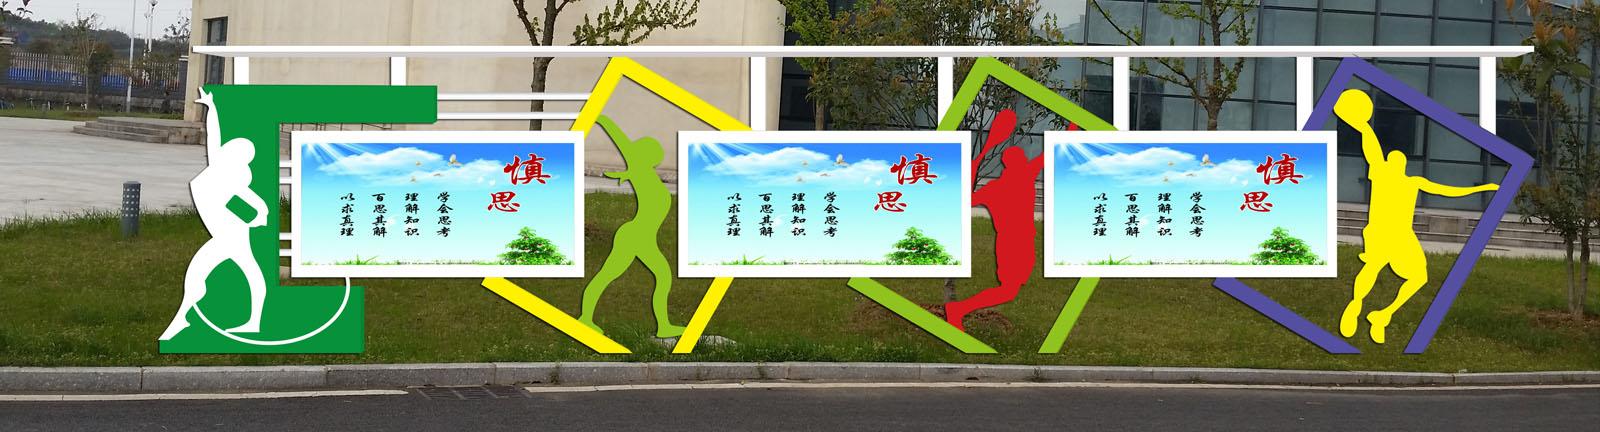 昭通公交候车亭